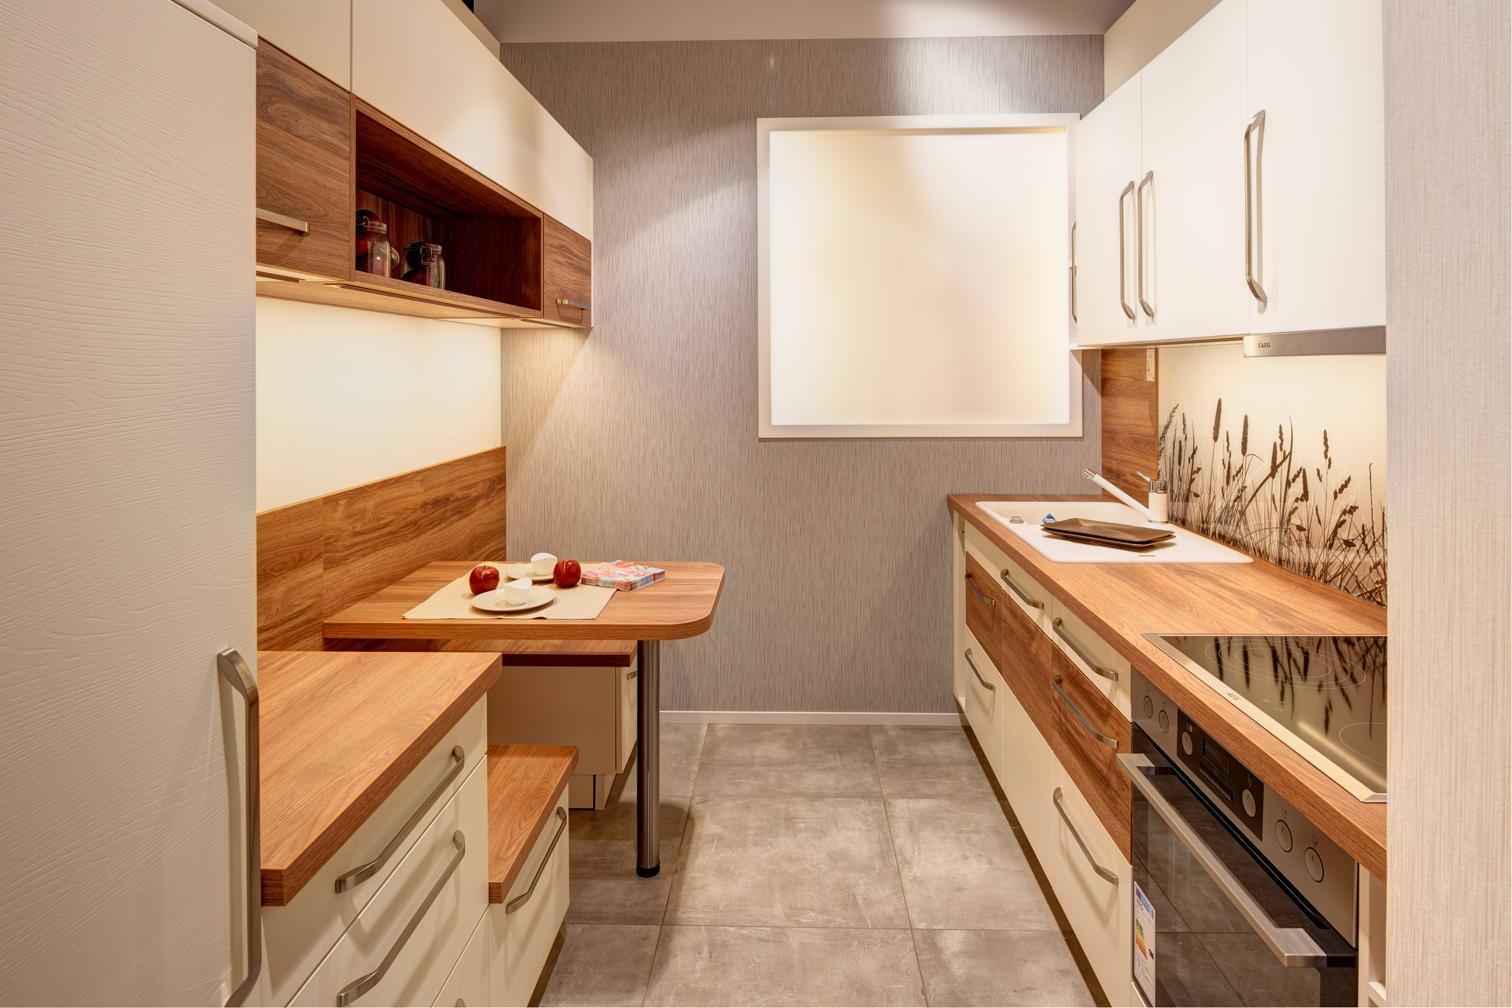 Küchenausstellung Küchen Angebote